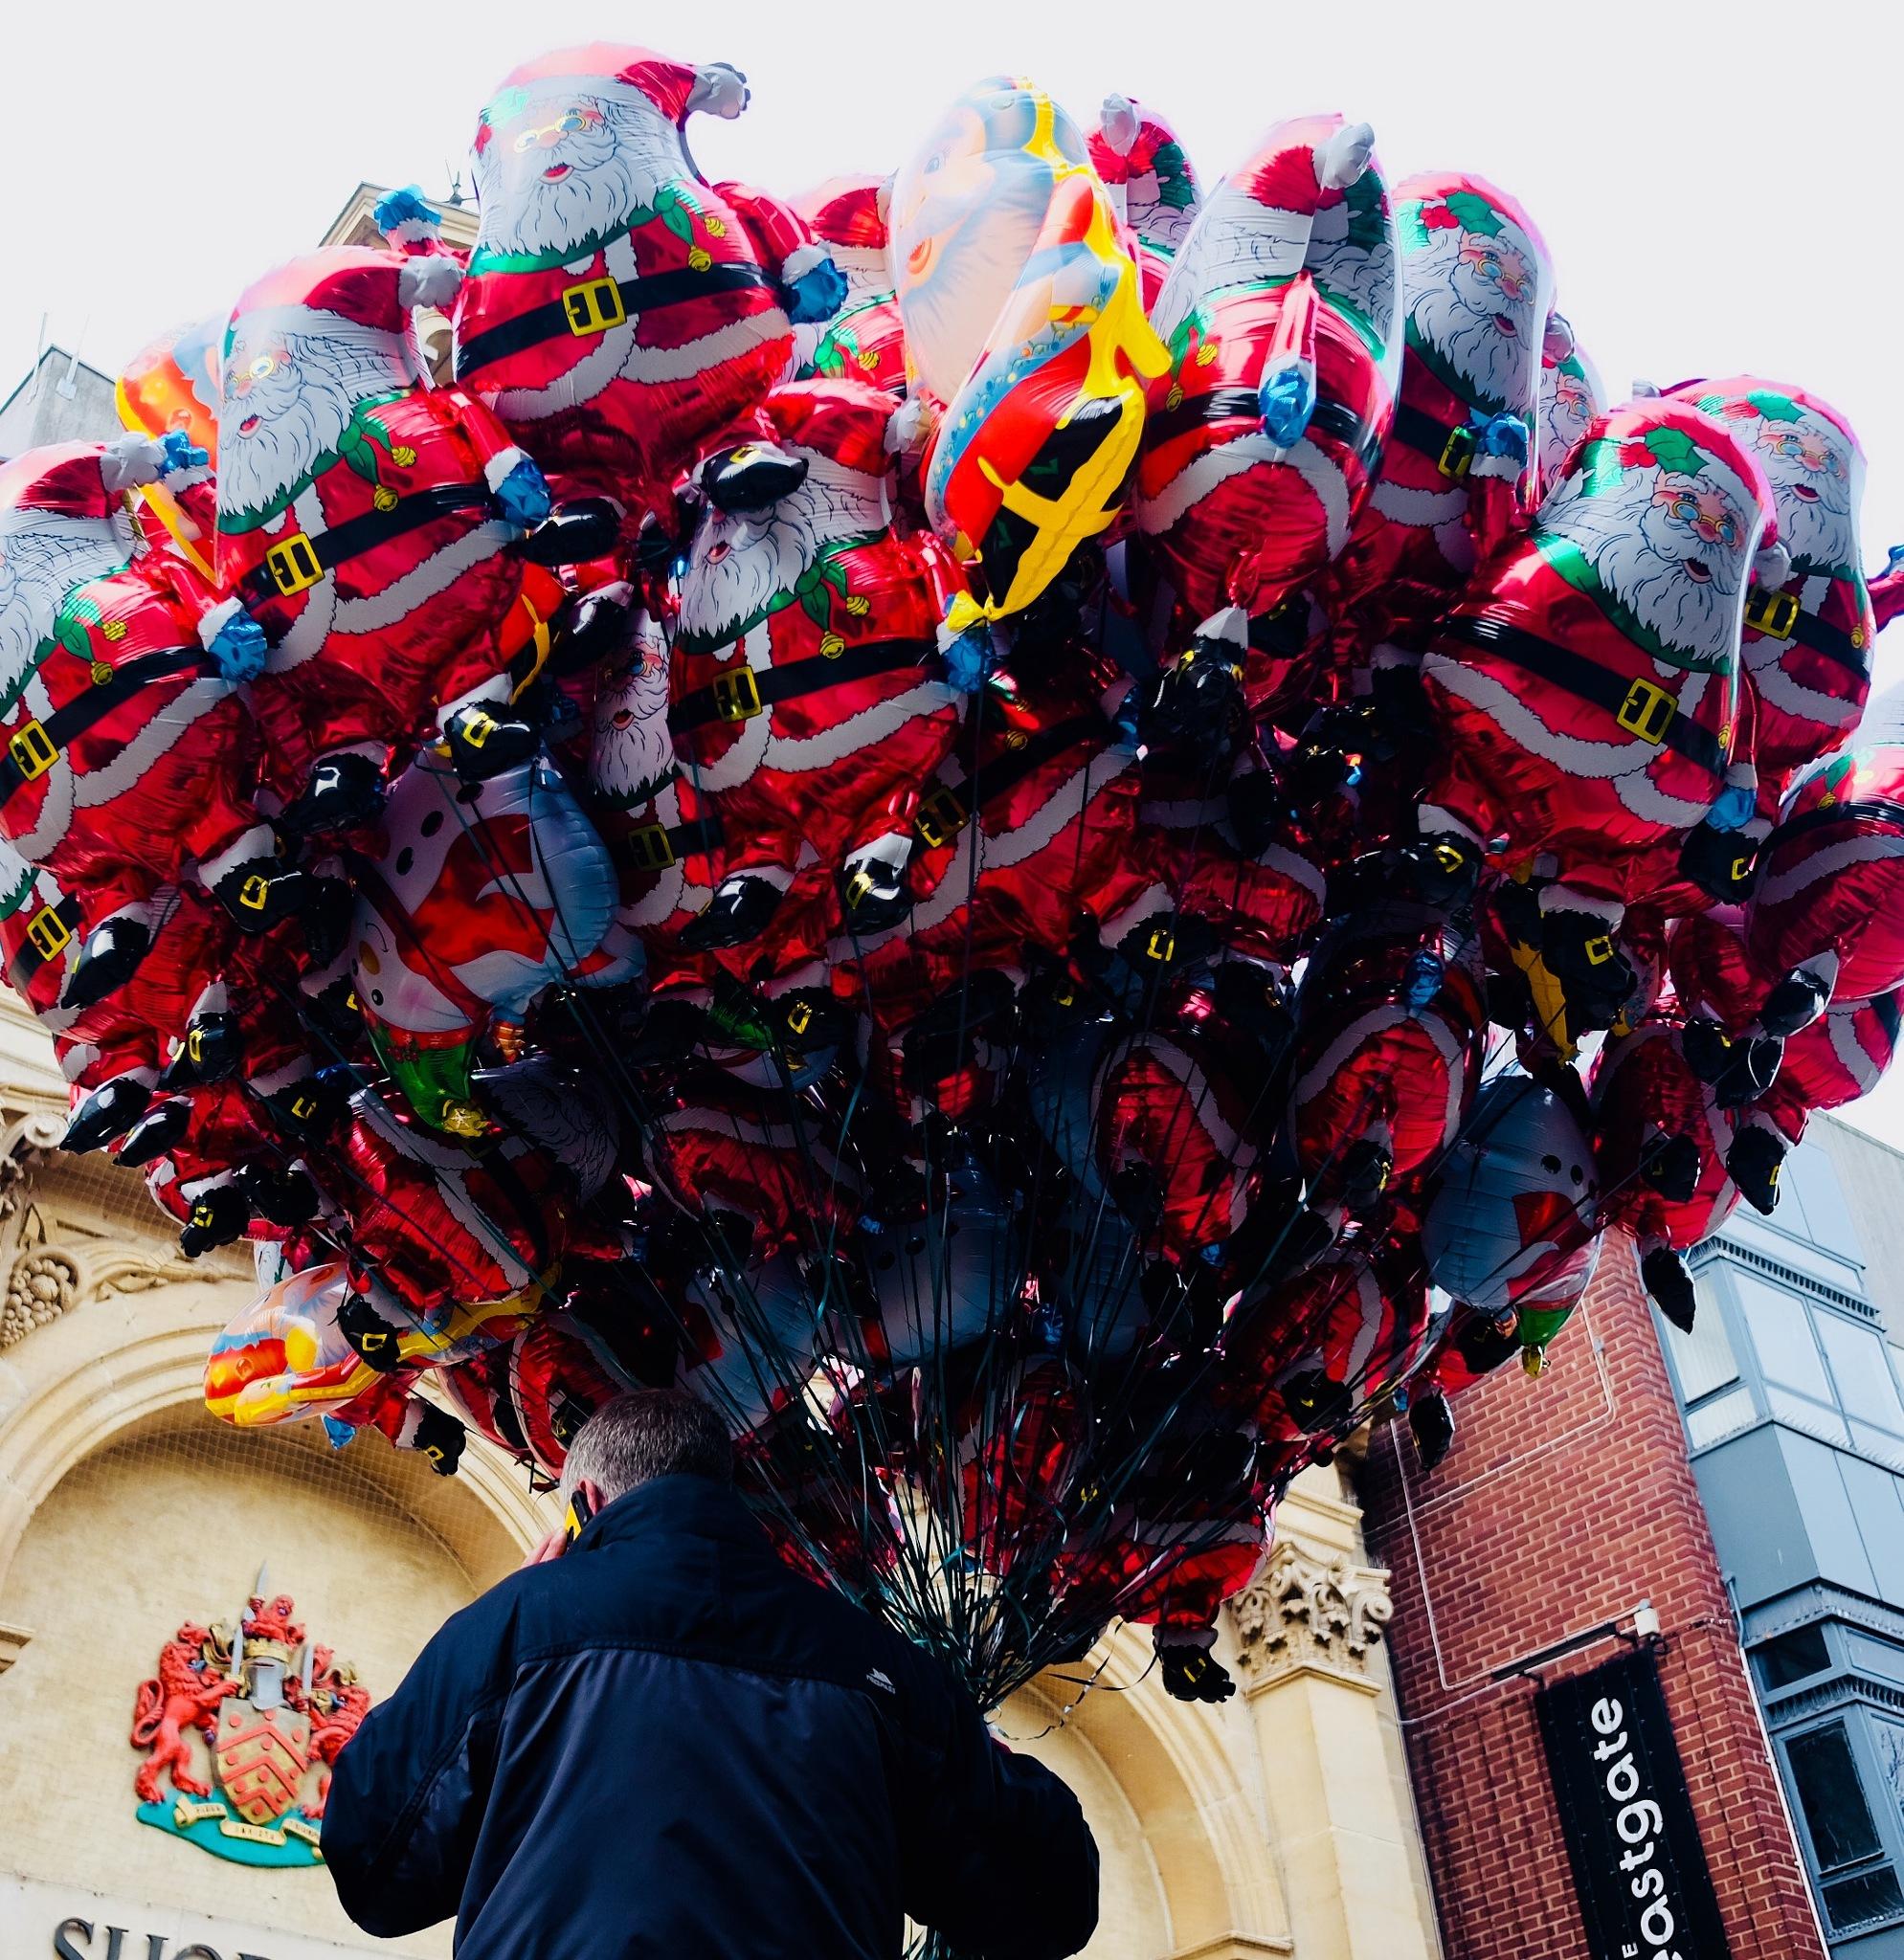 Balloon seller,Gloucester UK by Jim Darke